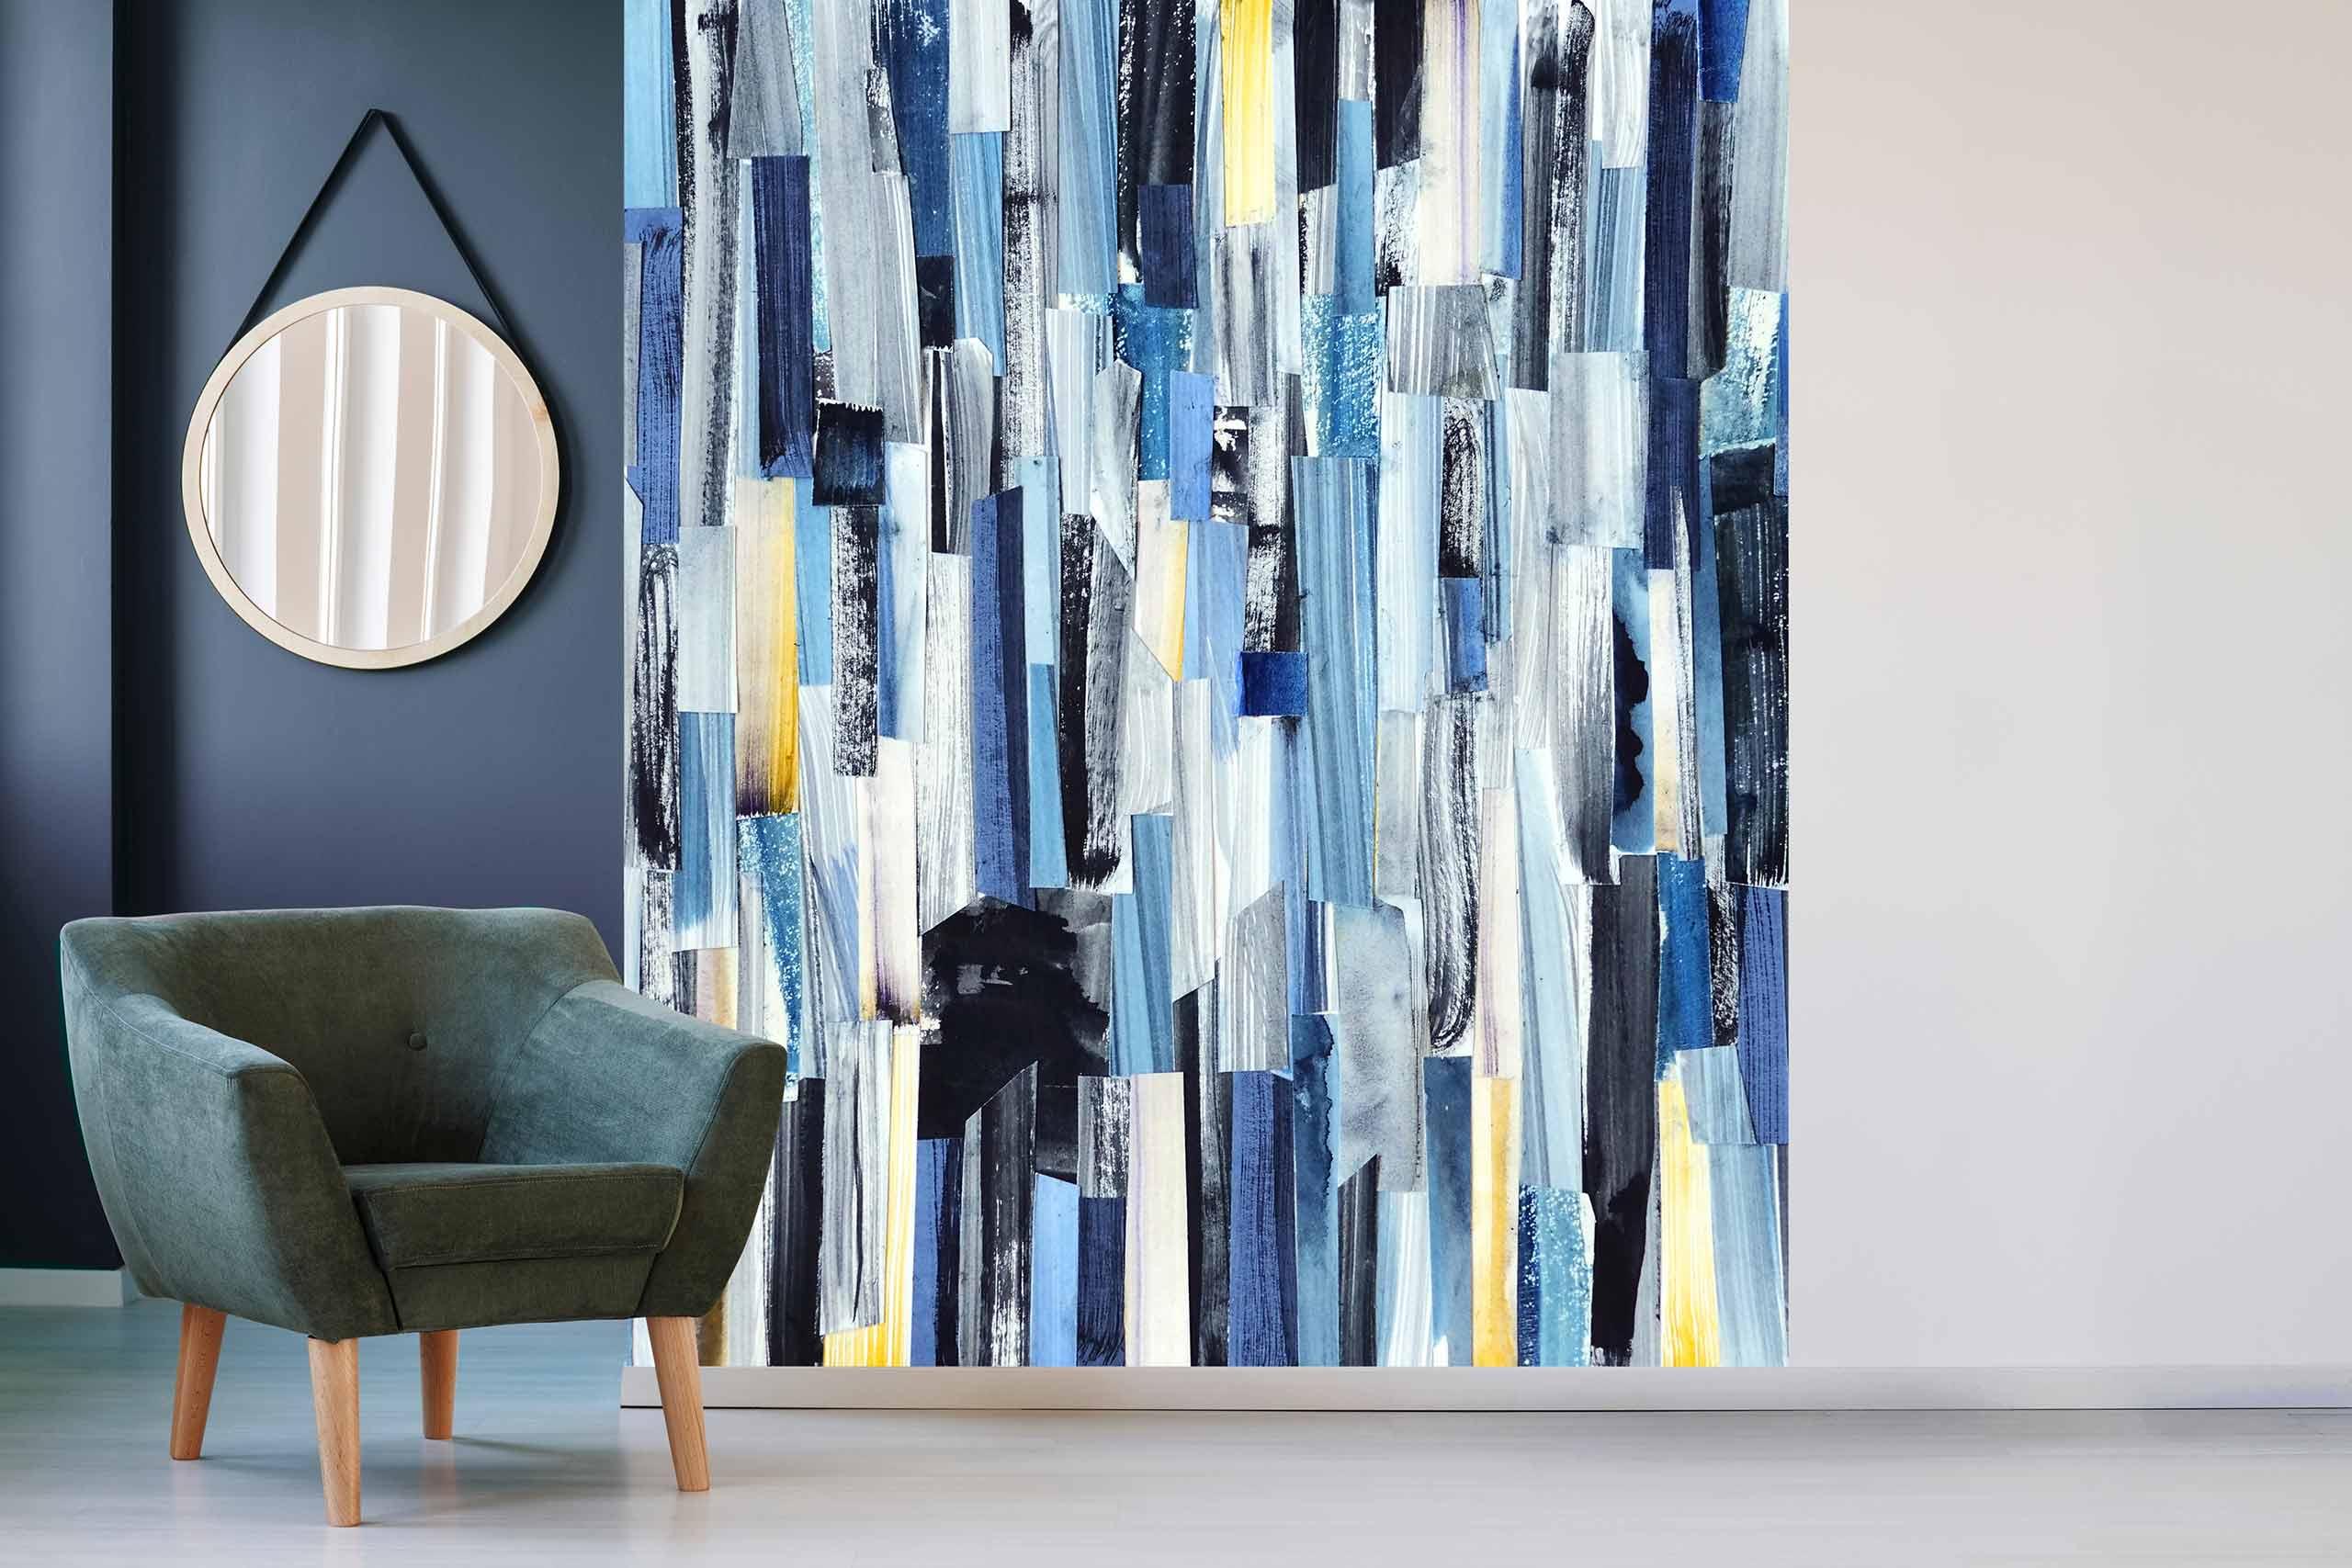 Vlies Tapete 225 Fototapete Höhe 250cm Motiv 148 Abstrakt Kunst